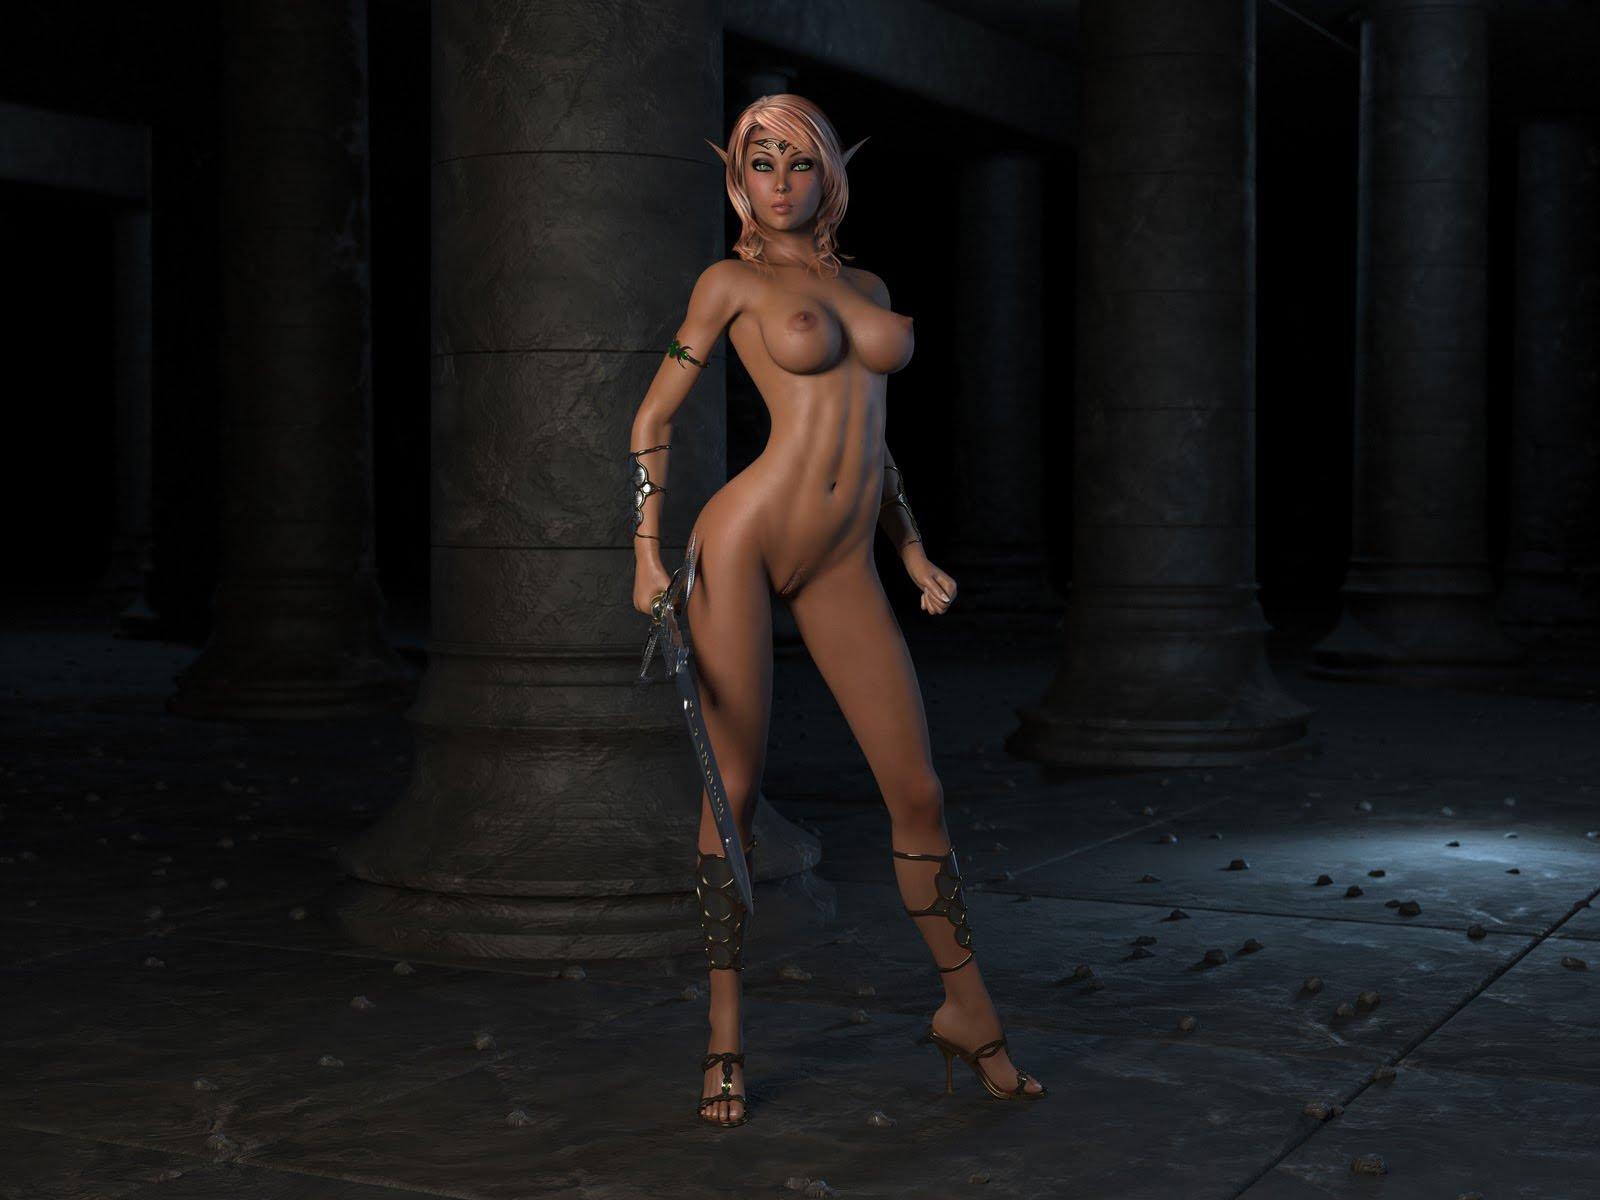 Wallpaper hd elves naked sex download